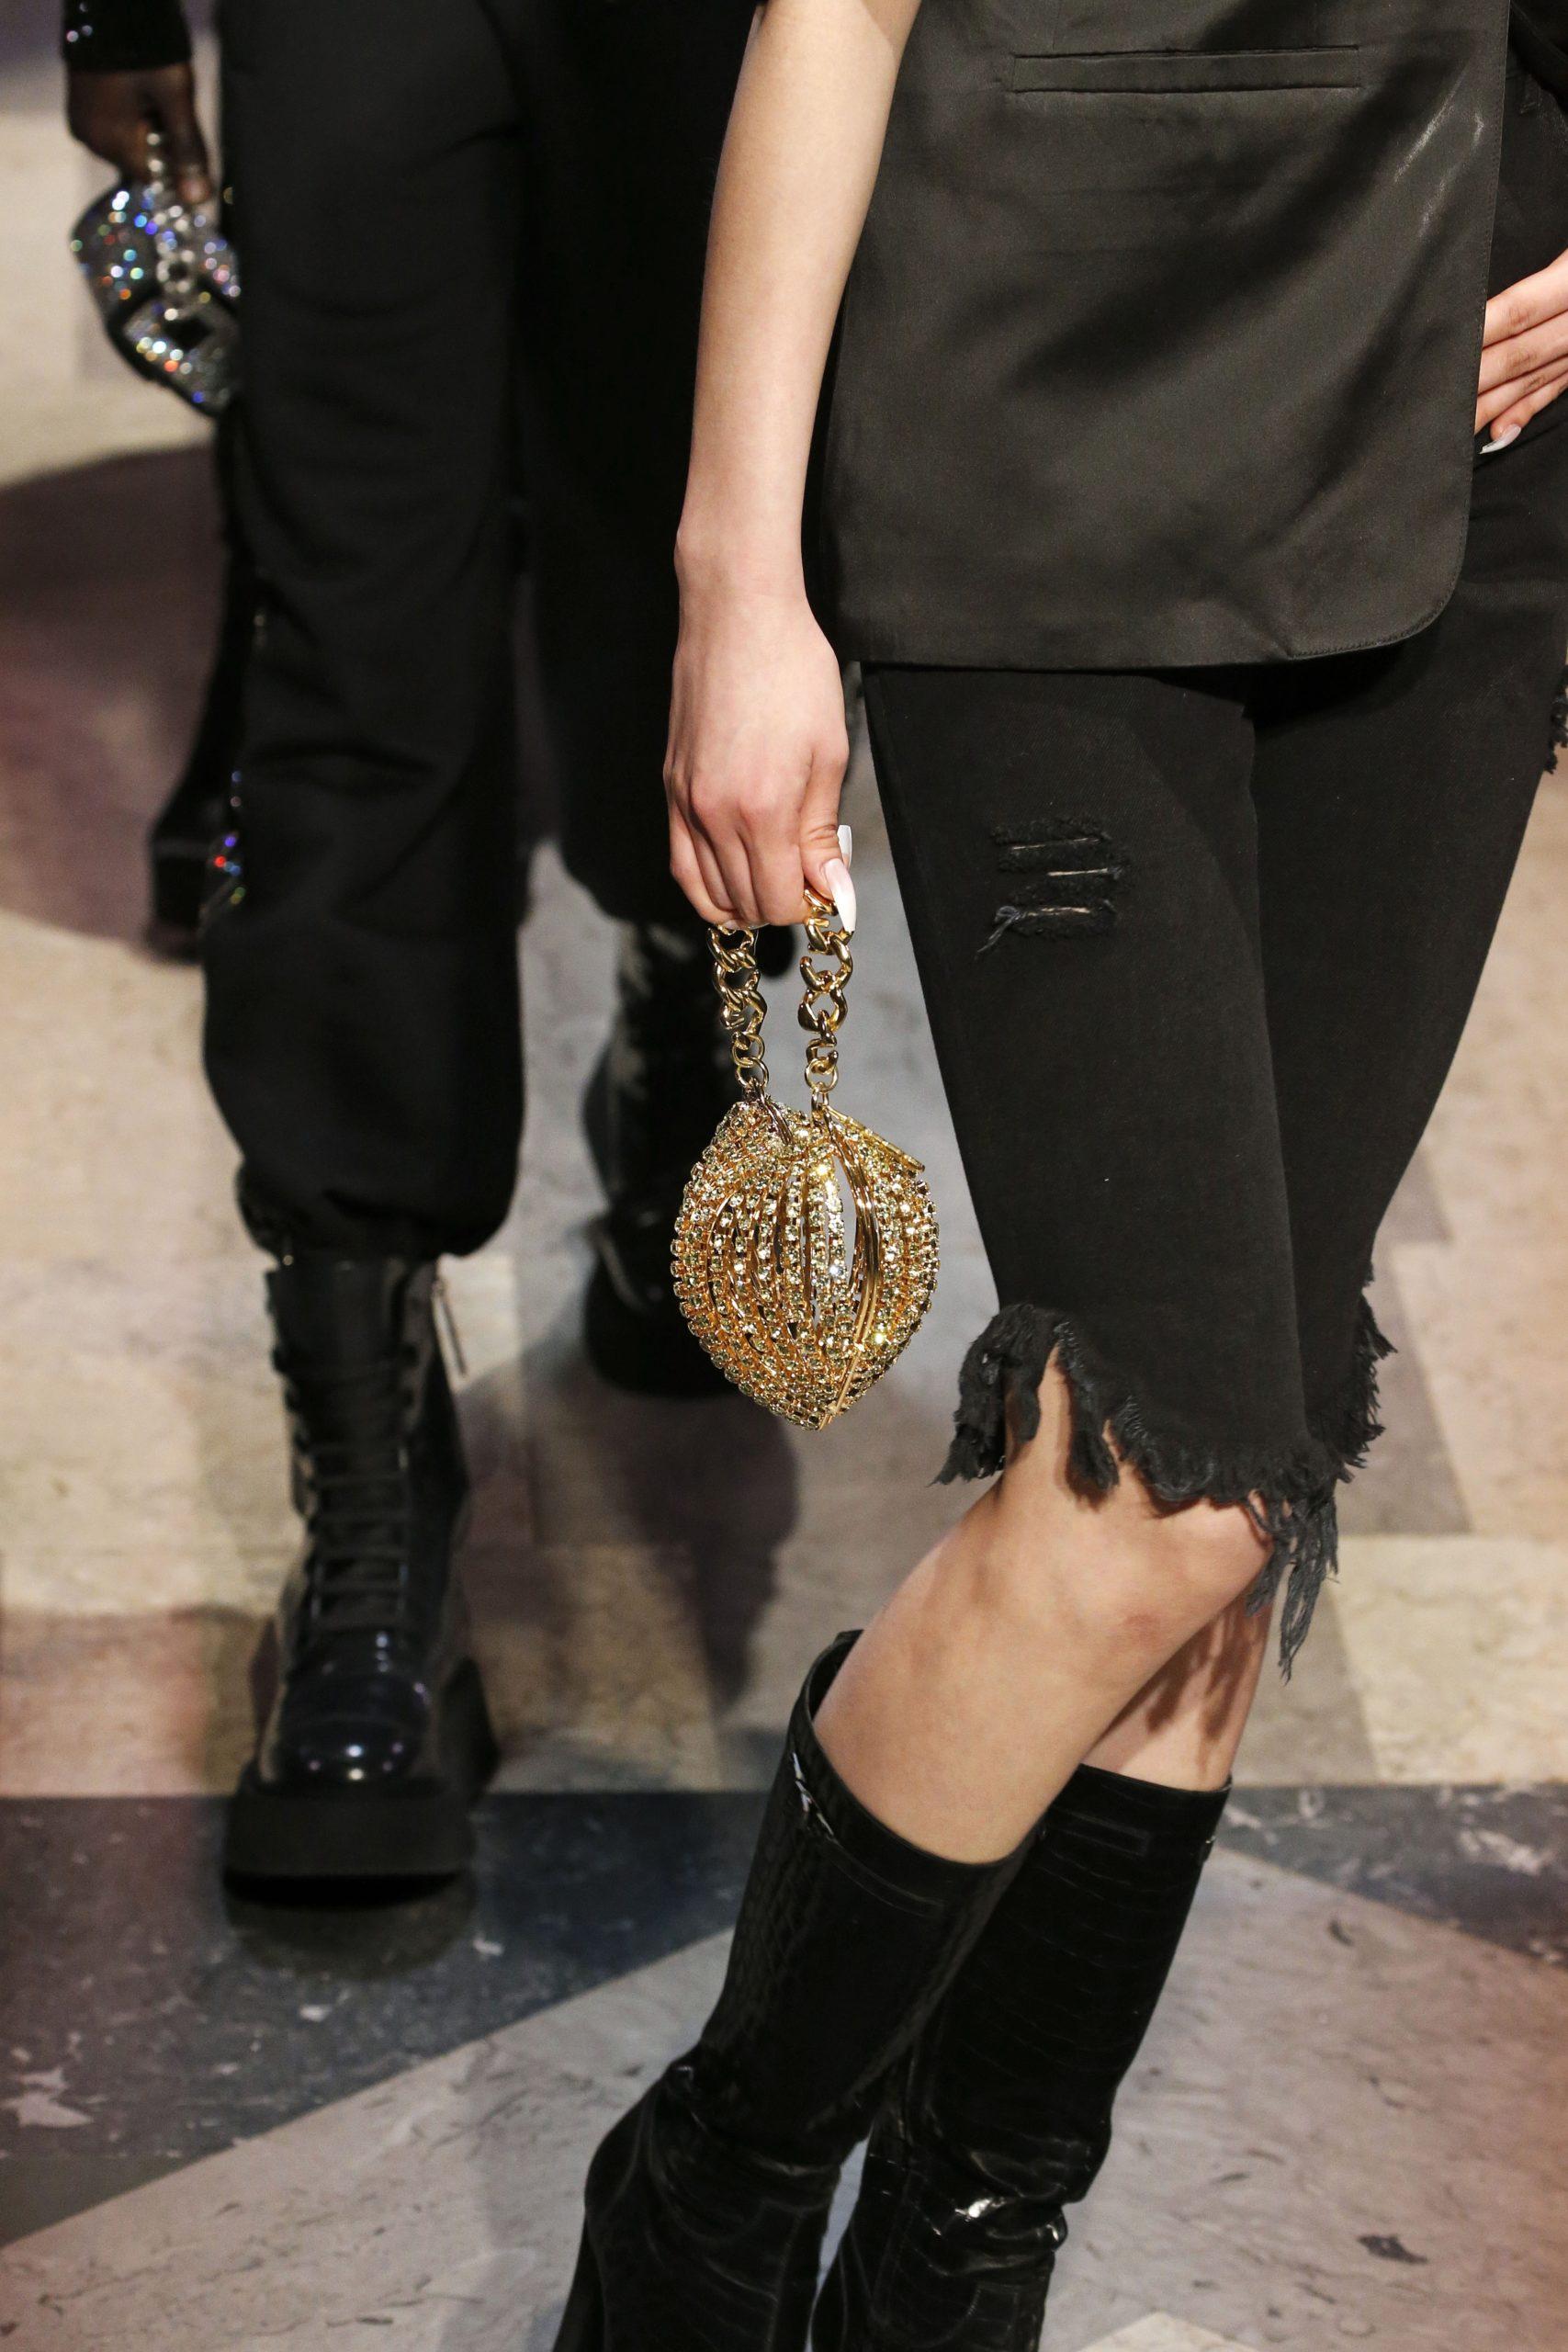 модная сумка минодьер осень зима 2020 2021 золотая круглая стразы